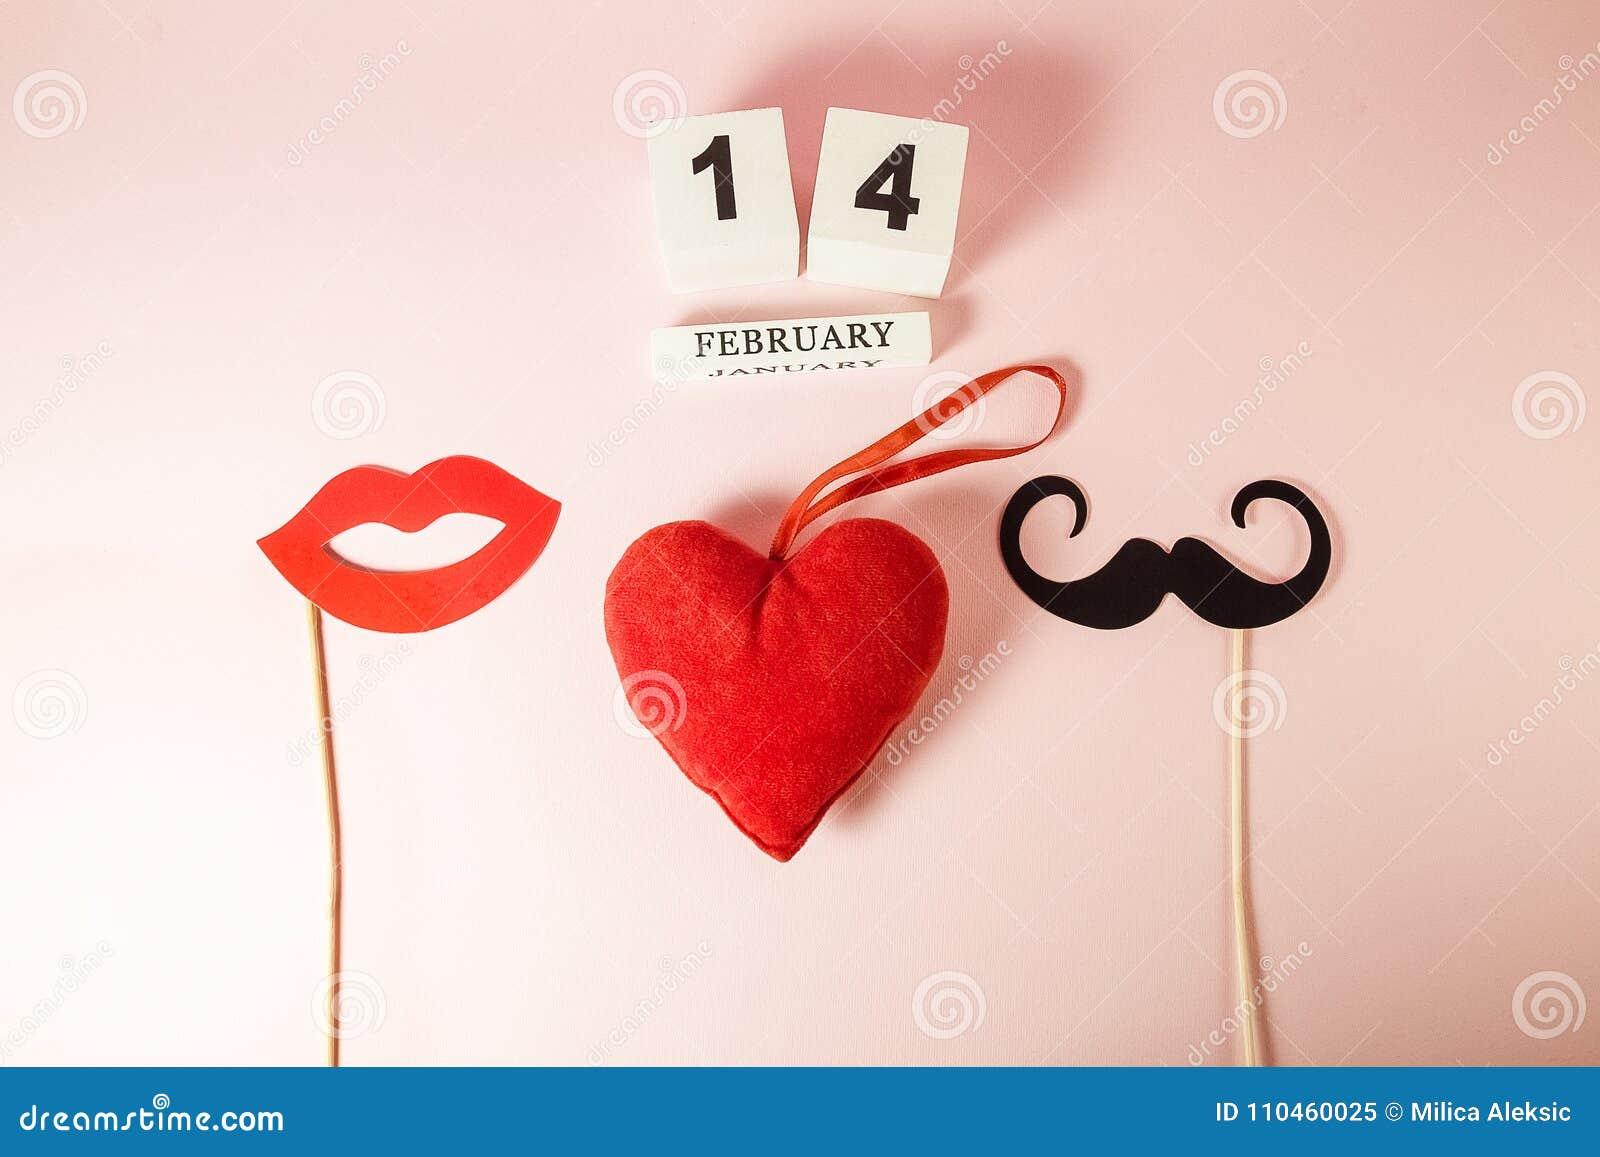 Träkalendern och röd hjärta med mustascher och kanter skyler över brister stöttan på rosa bakgrund